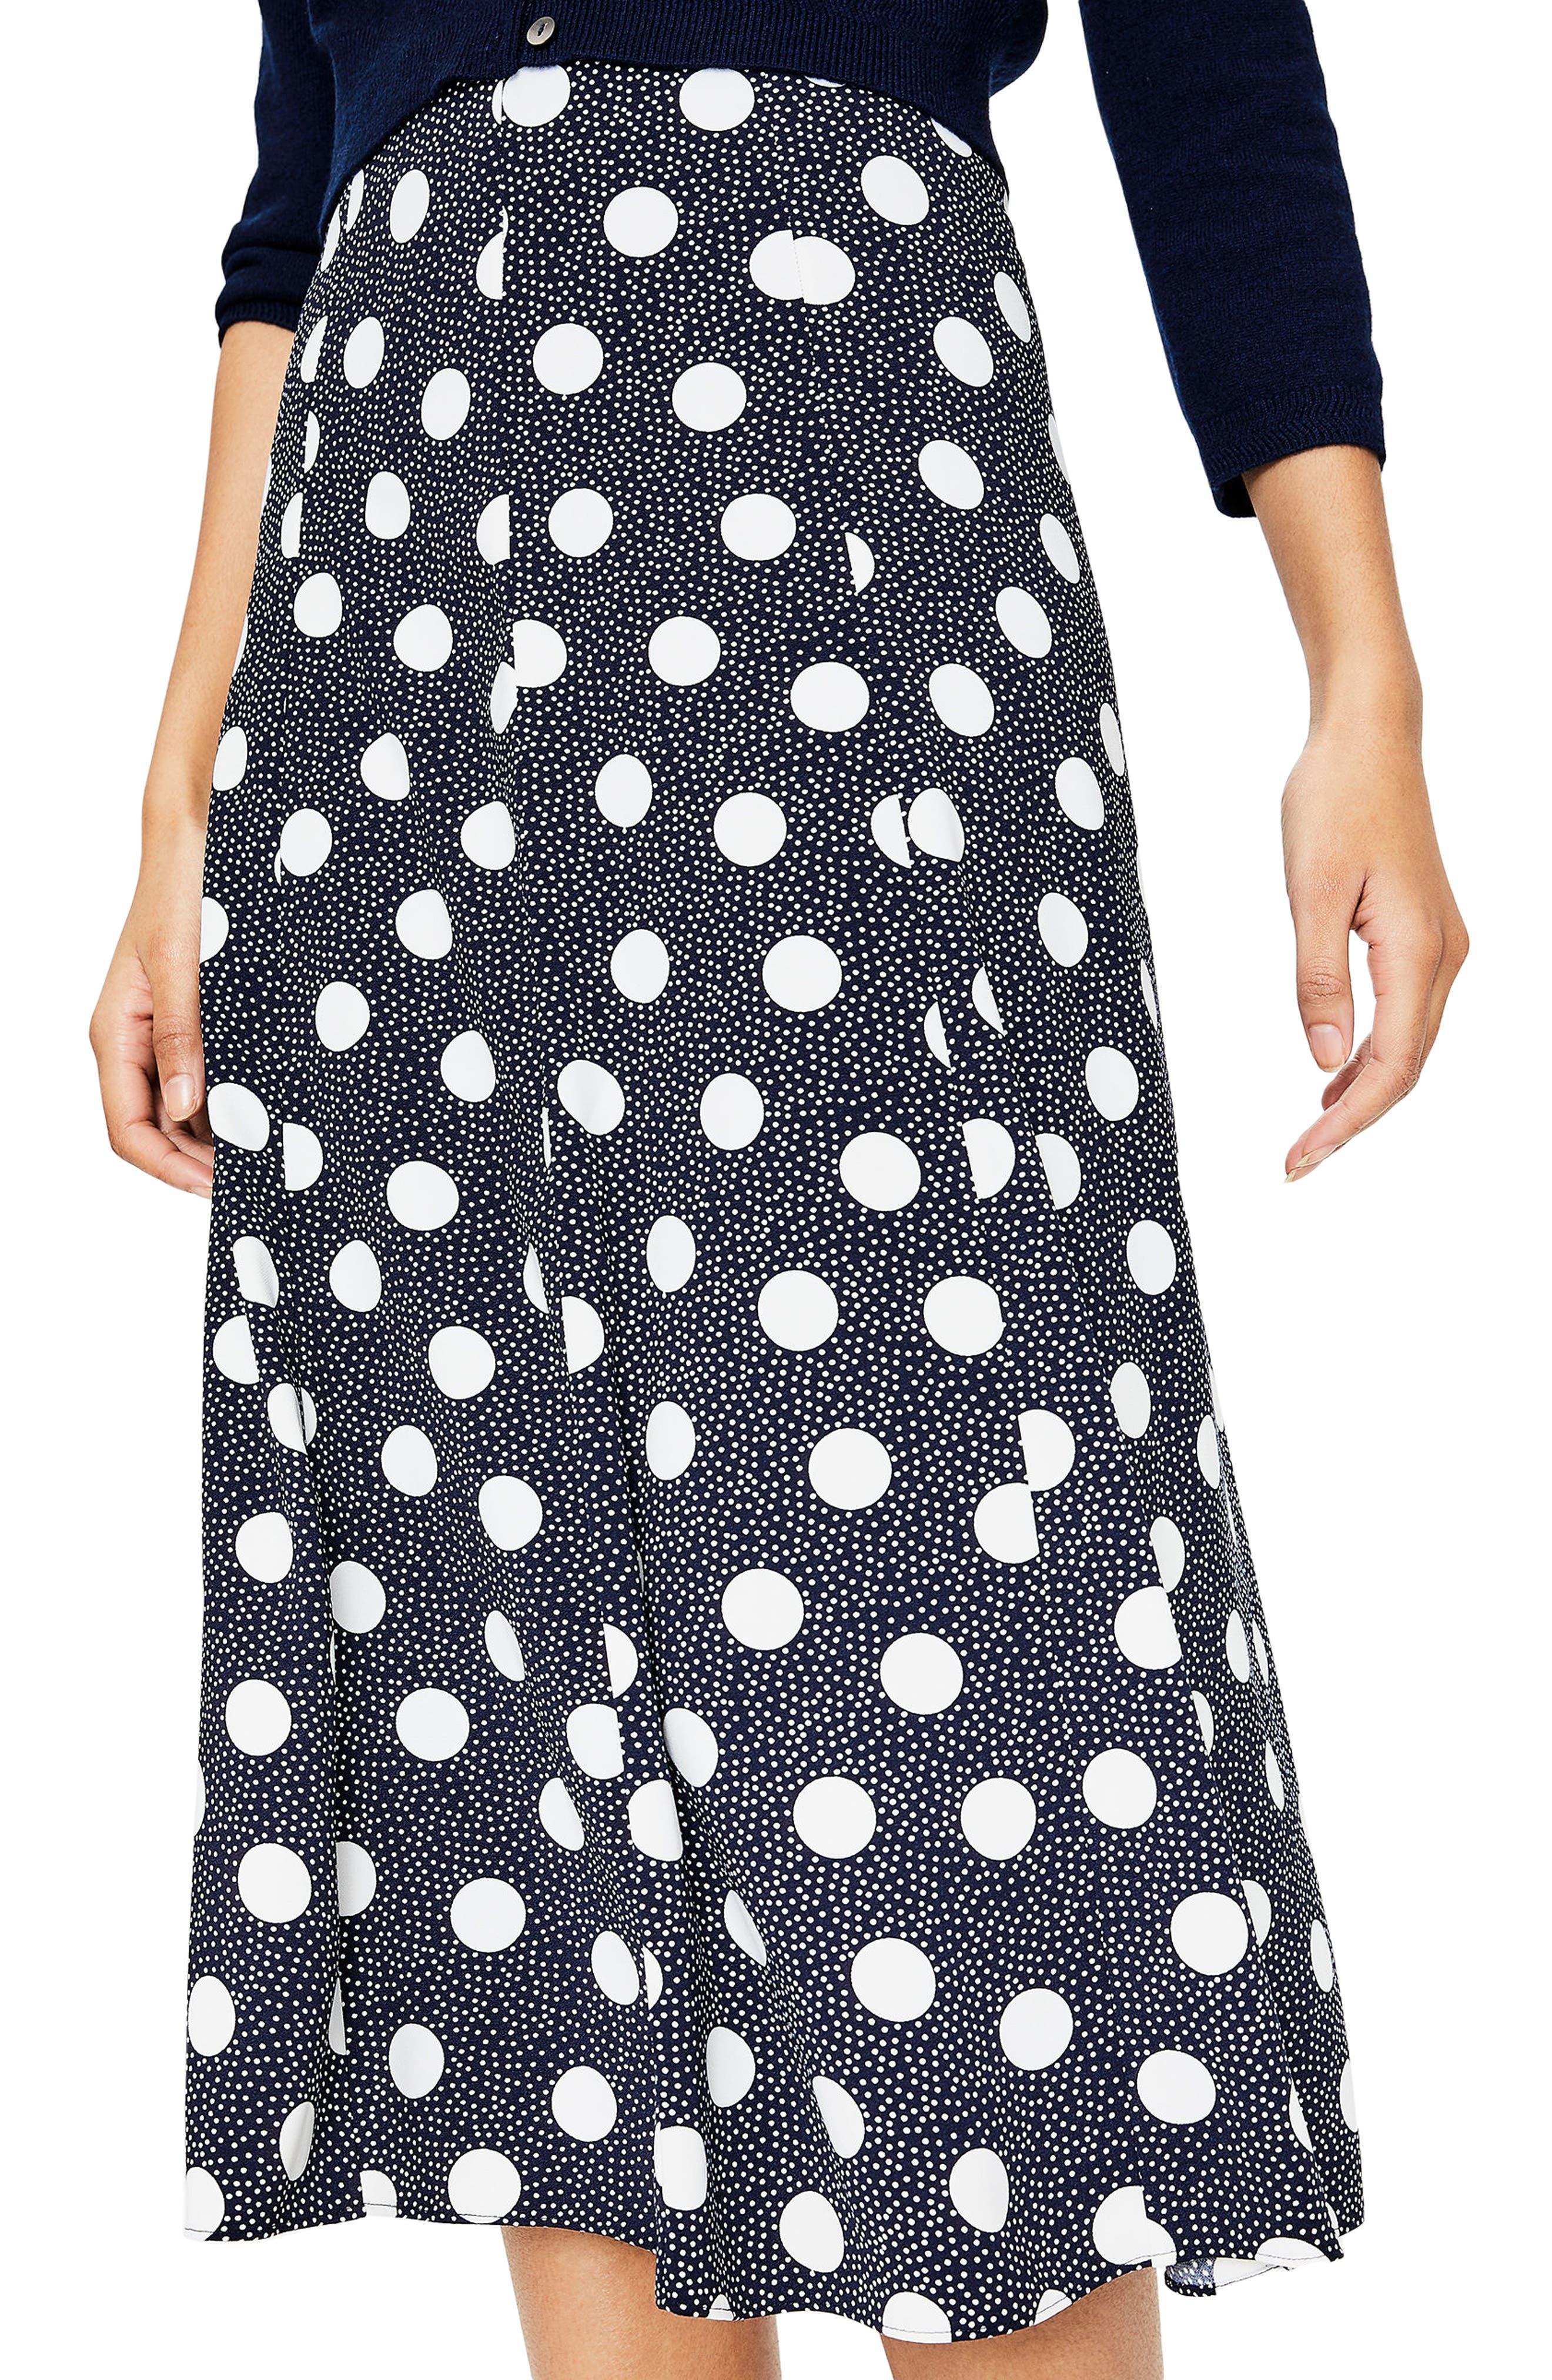 Floaty Polka Dot Midi Skirt,                             Alternate thumbnail 3, color,                             Navy Spot On Spot